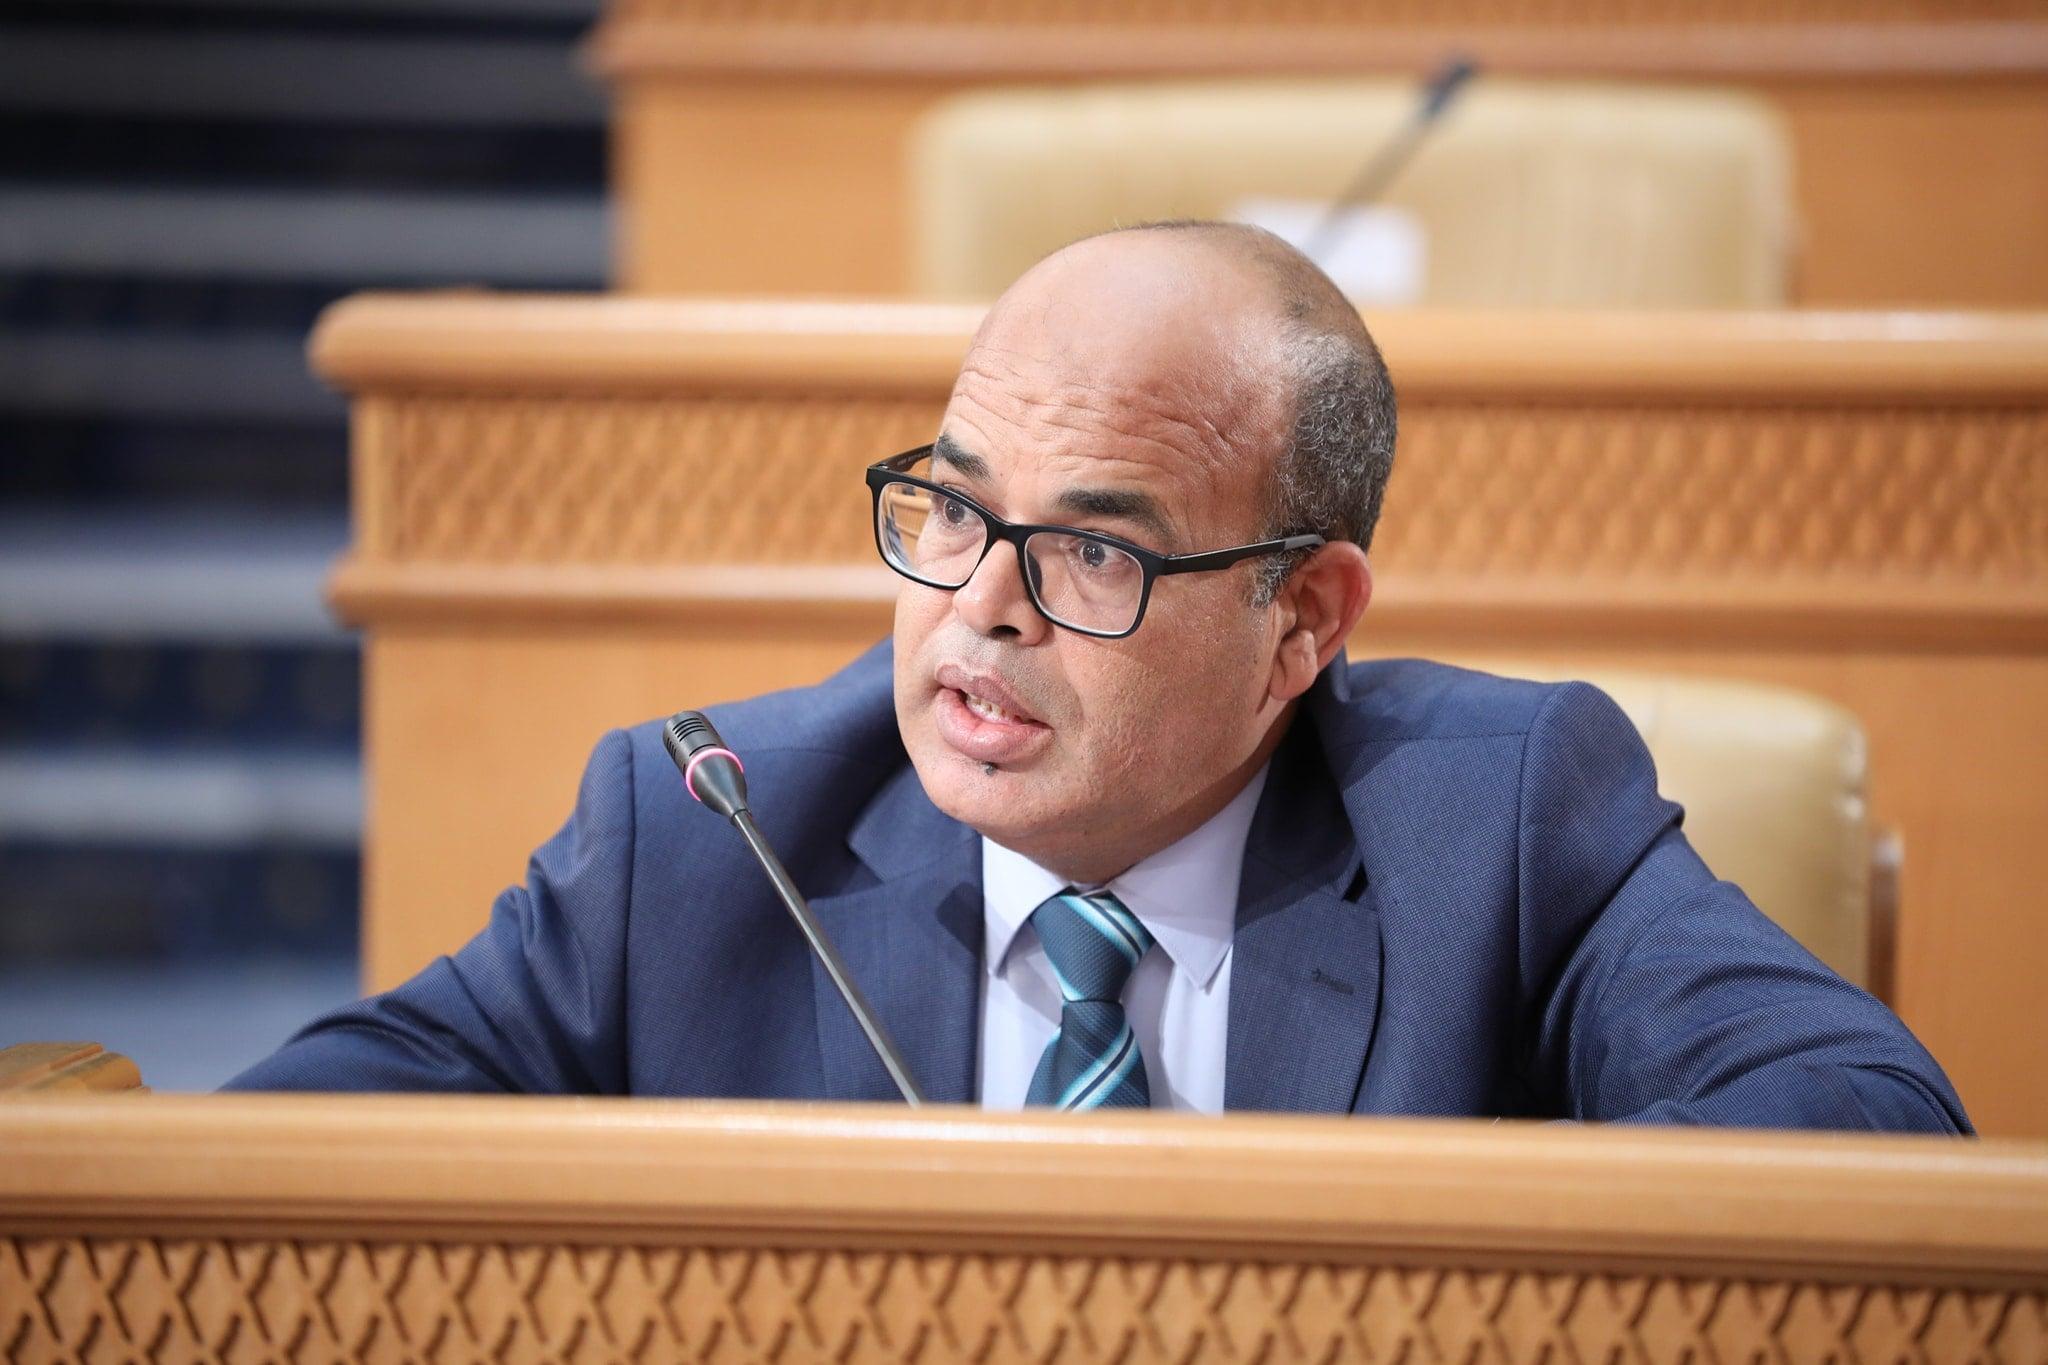 الكلمة الافتتاحية لرئيس المجلس الأعلى للقضاء في البرلمان